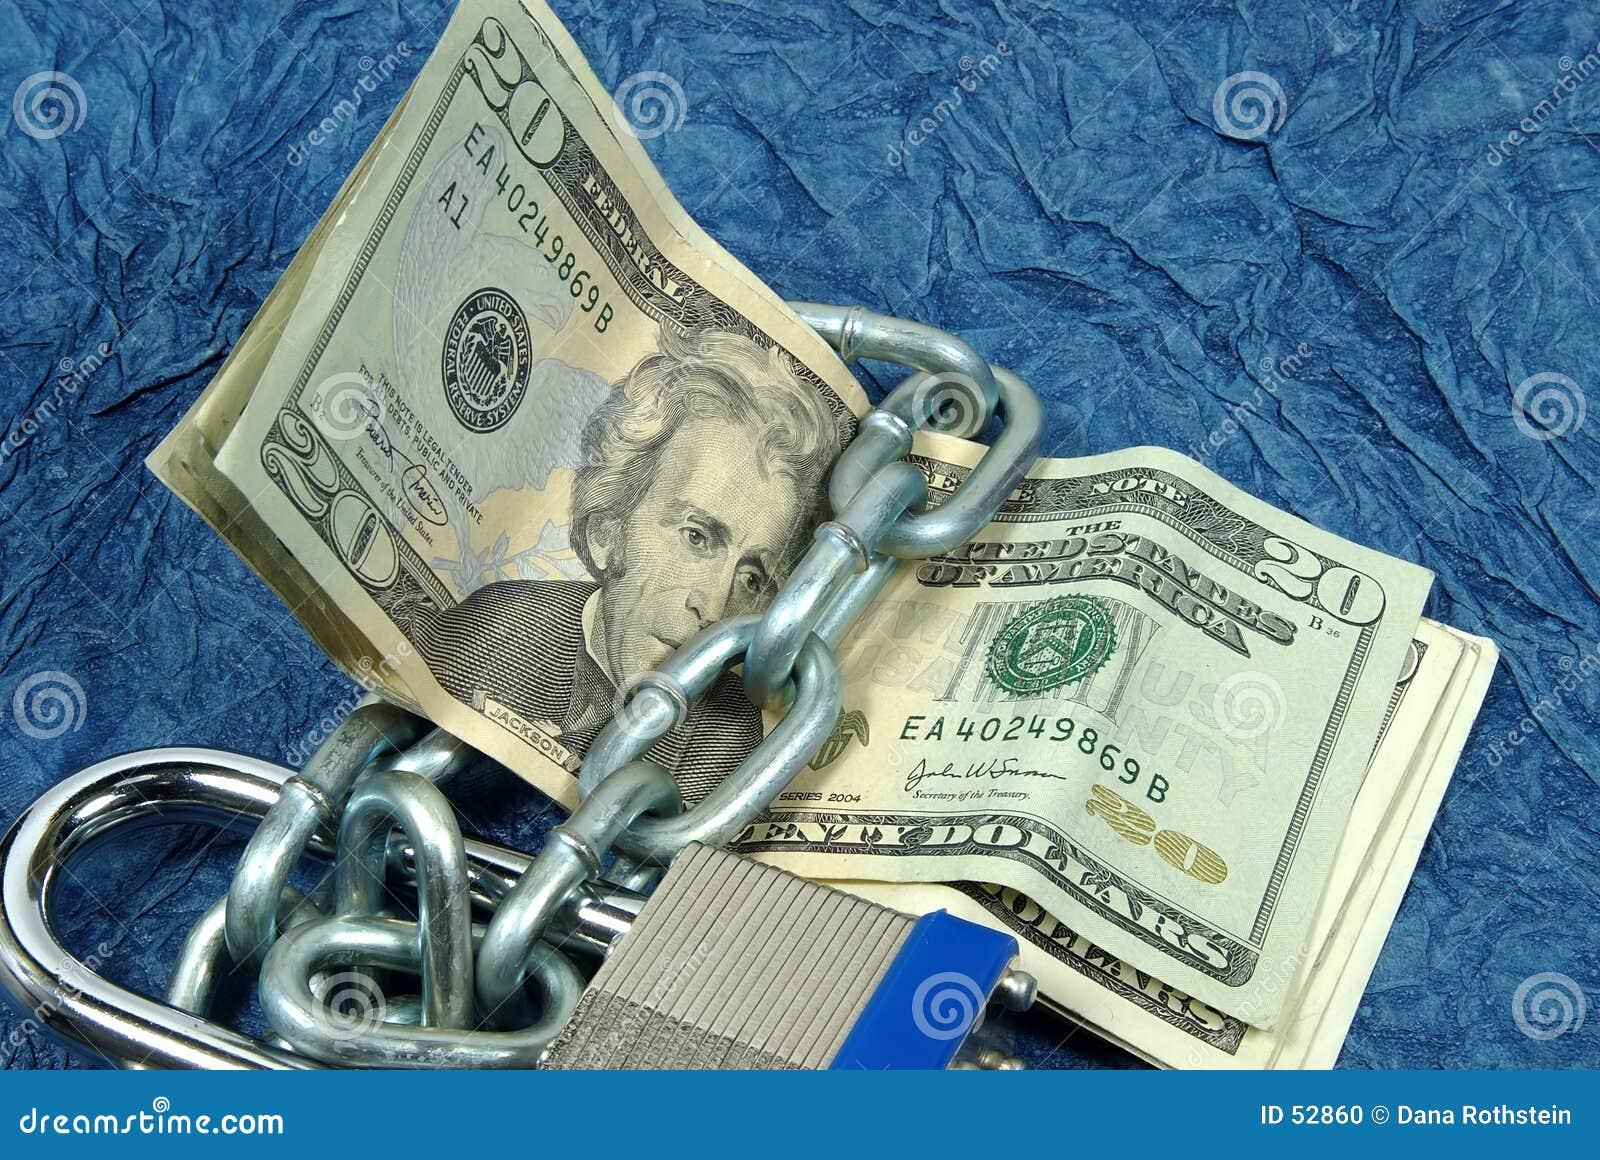 Protección del crédito